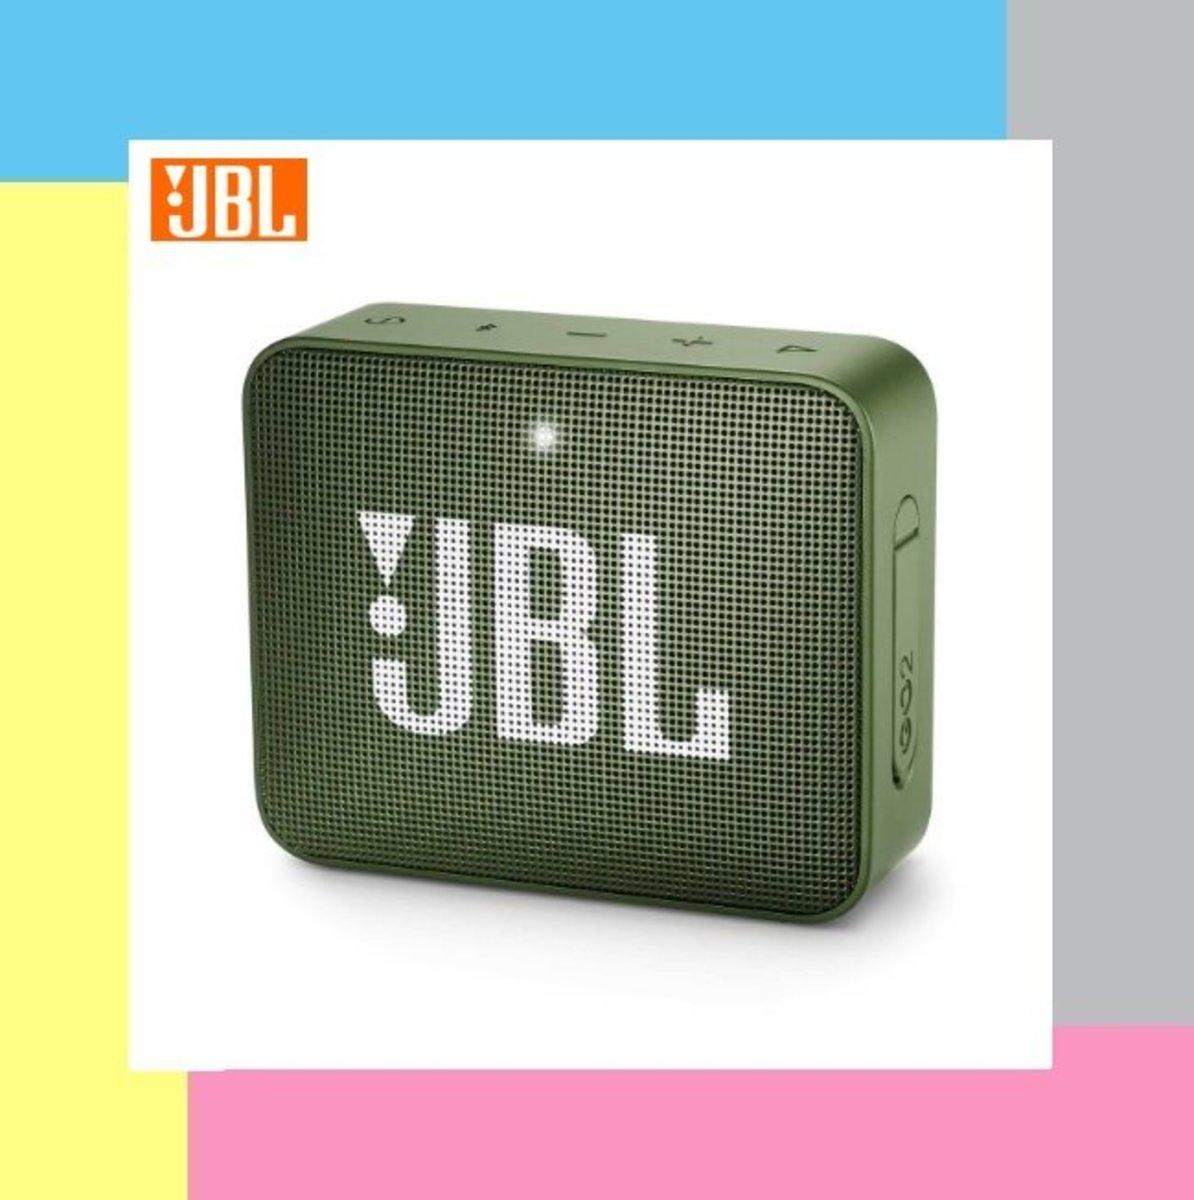 JBL GO 2 無線音箱 -  綠松色 [產品為平行進口貨 提供一年保養]